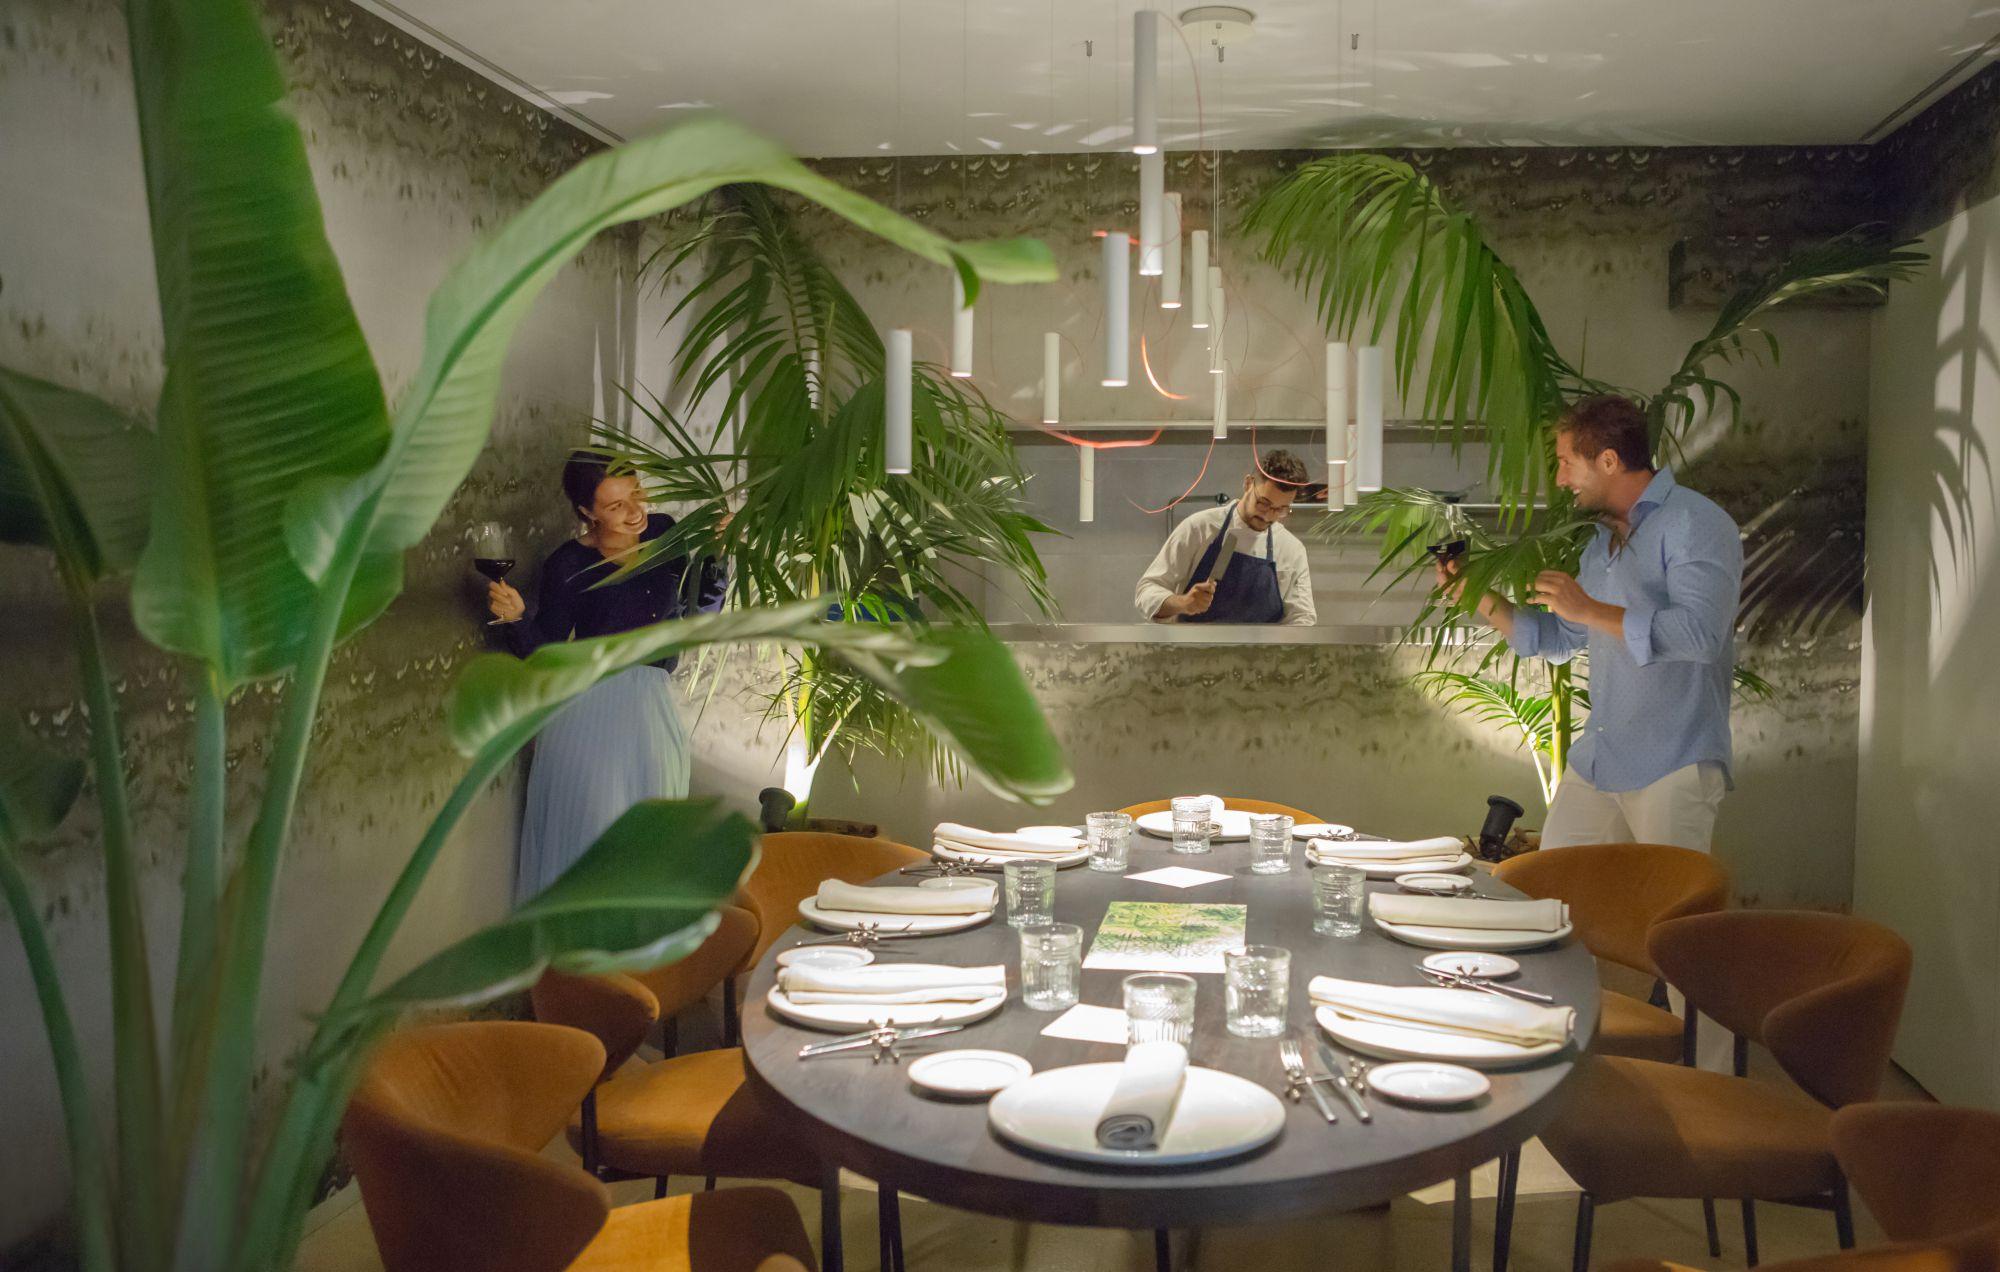 Un jardín selvático y musical (soul, jazz, funkie y latino) es la nueva propuesta mallorquina. Foto: Fabiola Gastronomic Garden.